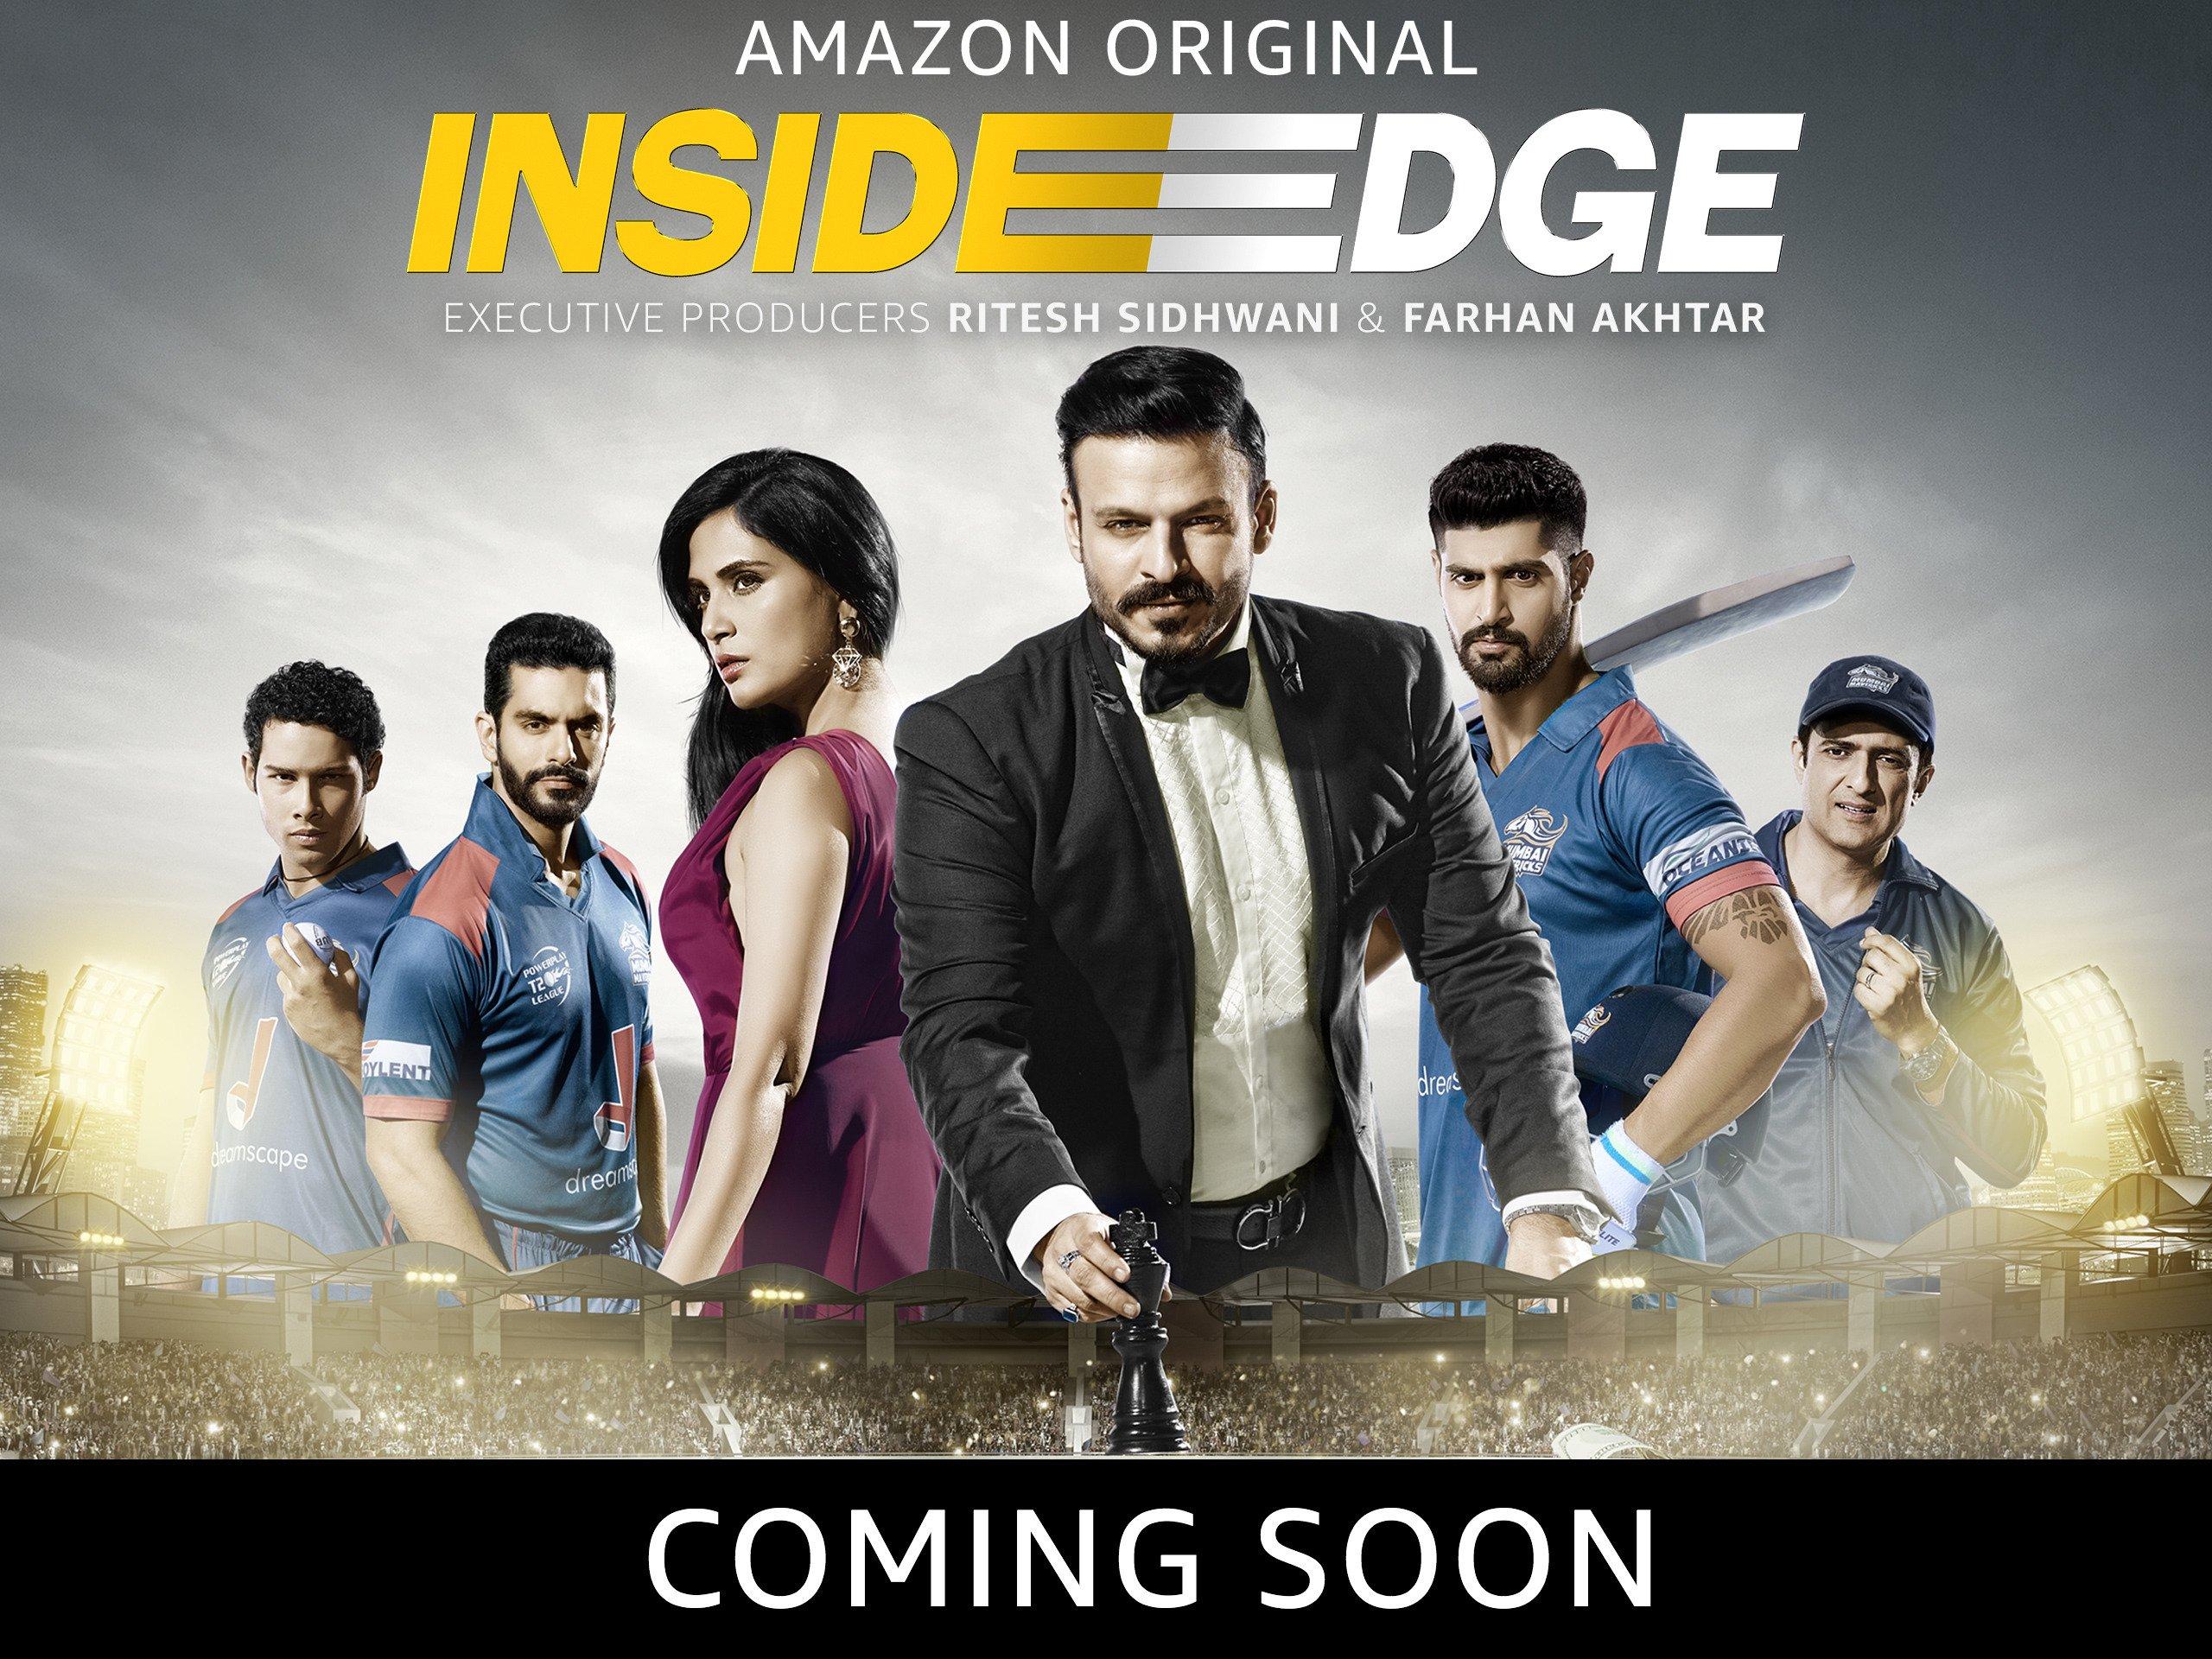 Doctor x season 3 in hindi download